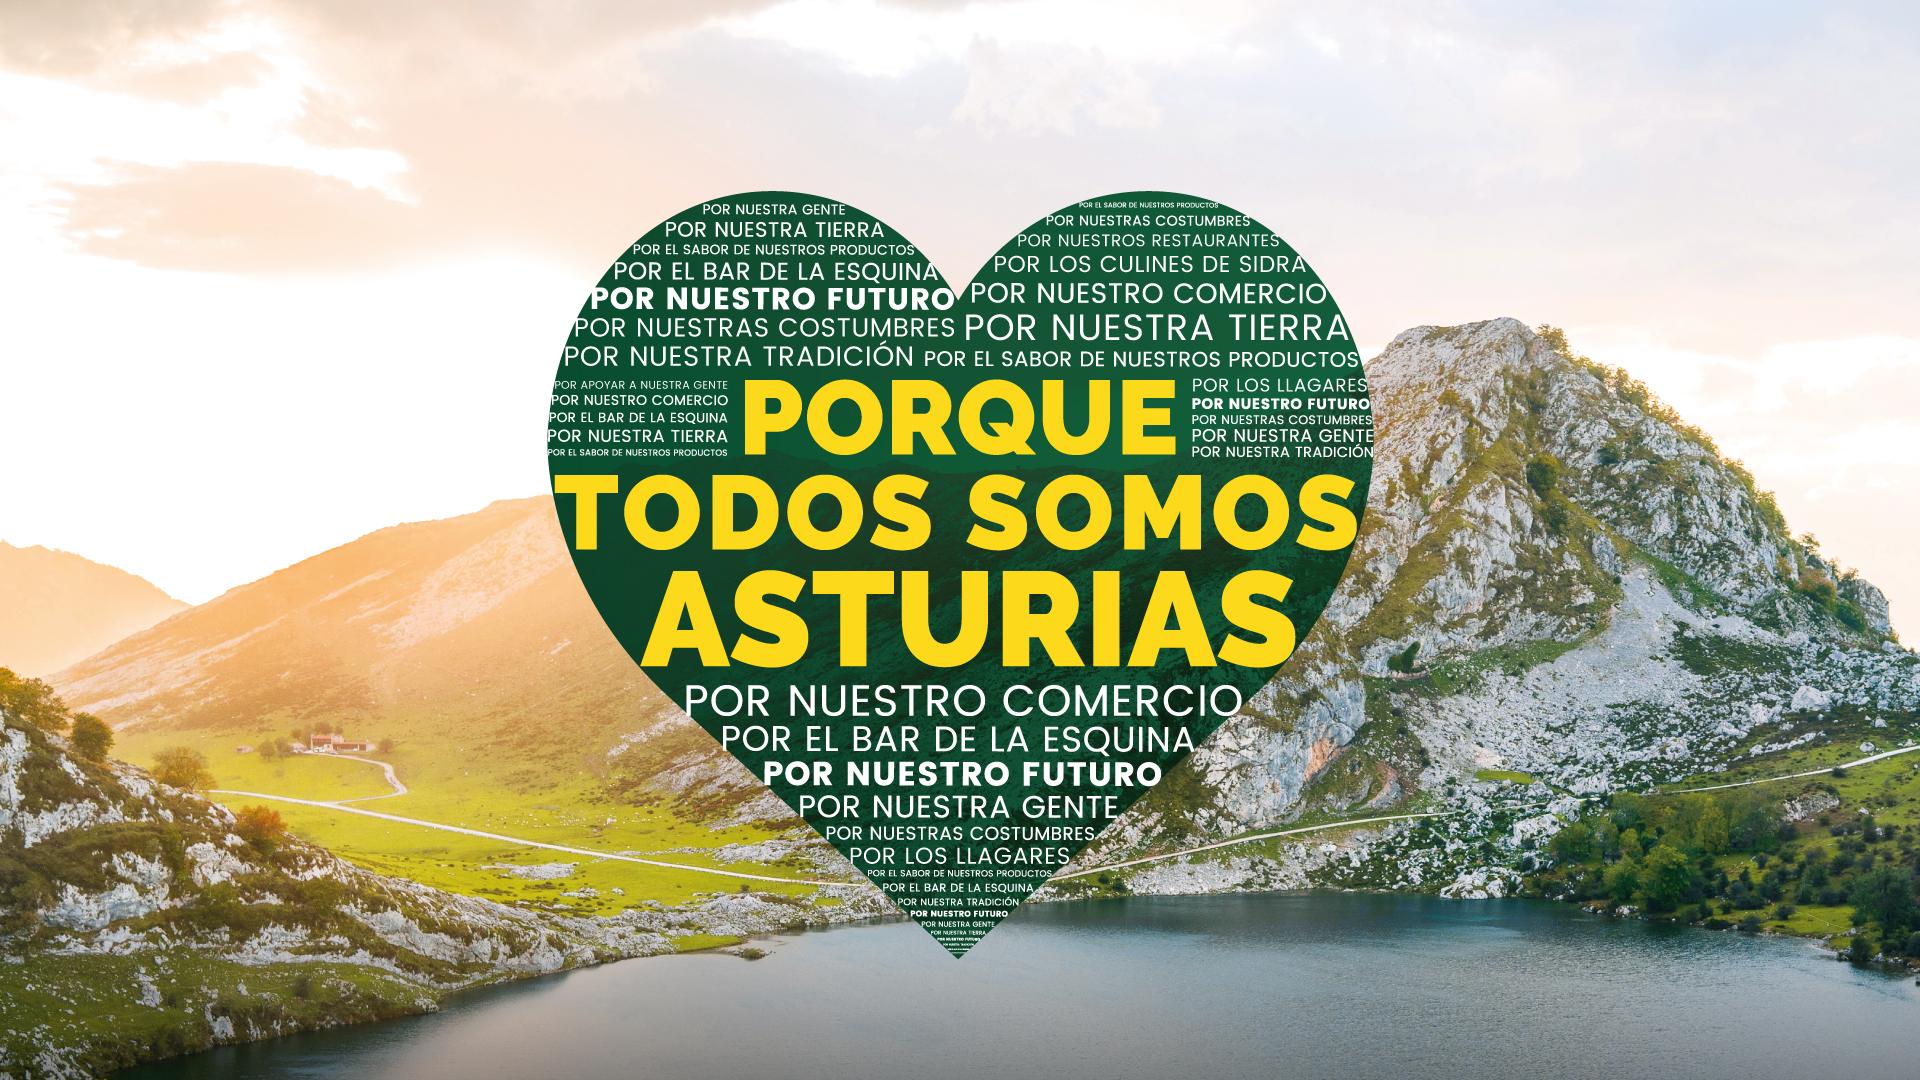 https://porquetodossomosasturias.com//resources/home/somosasturias/cajarural-campana-proximidad-recursos-cabecera.jpg